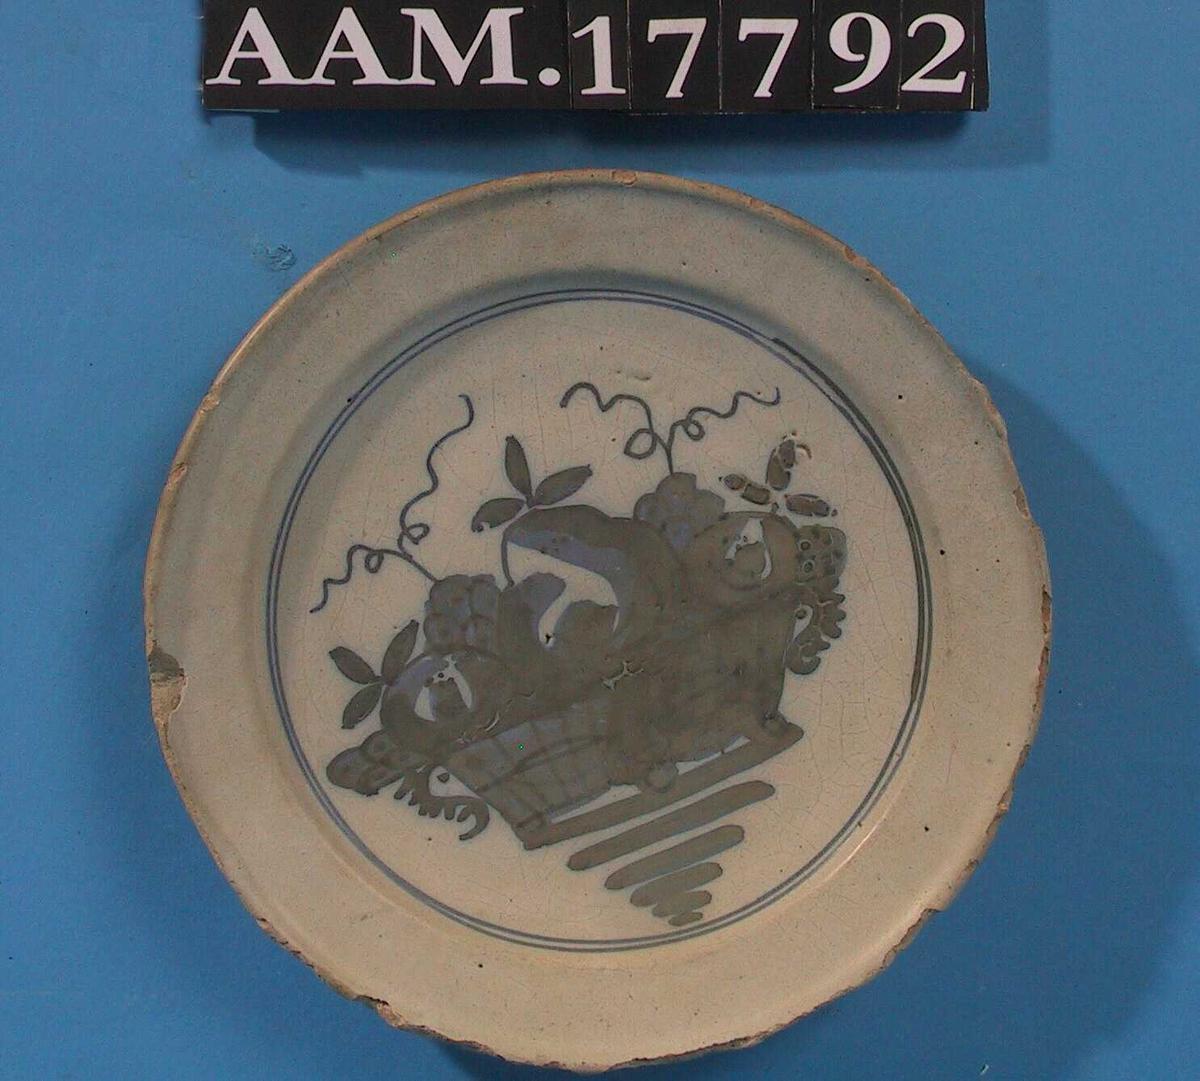 Rundt kanten  av speilet to tynne blå ringer.  I speilet et motiv som fyller hele:   vase  med   frukt,  en   pære  pm. med et   eple  på hver side. Under kurven blå streker  paralelle, ned i en spiss.